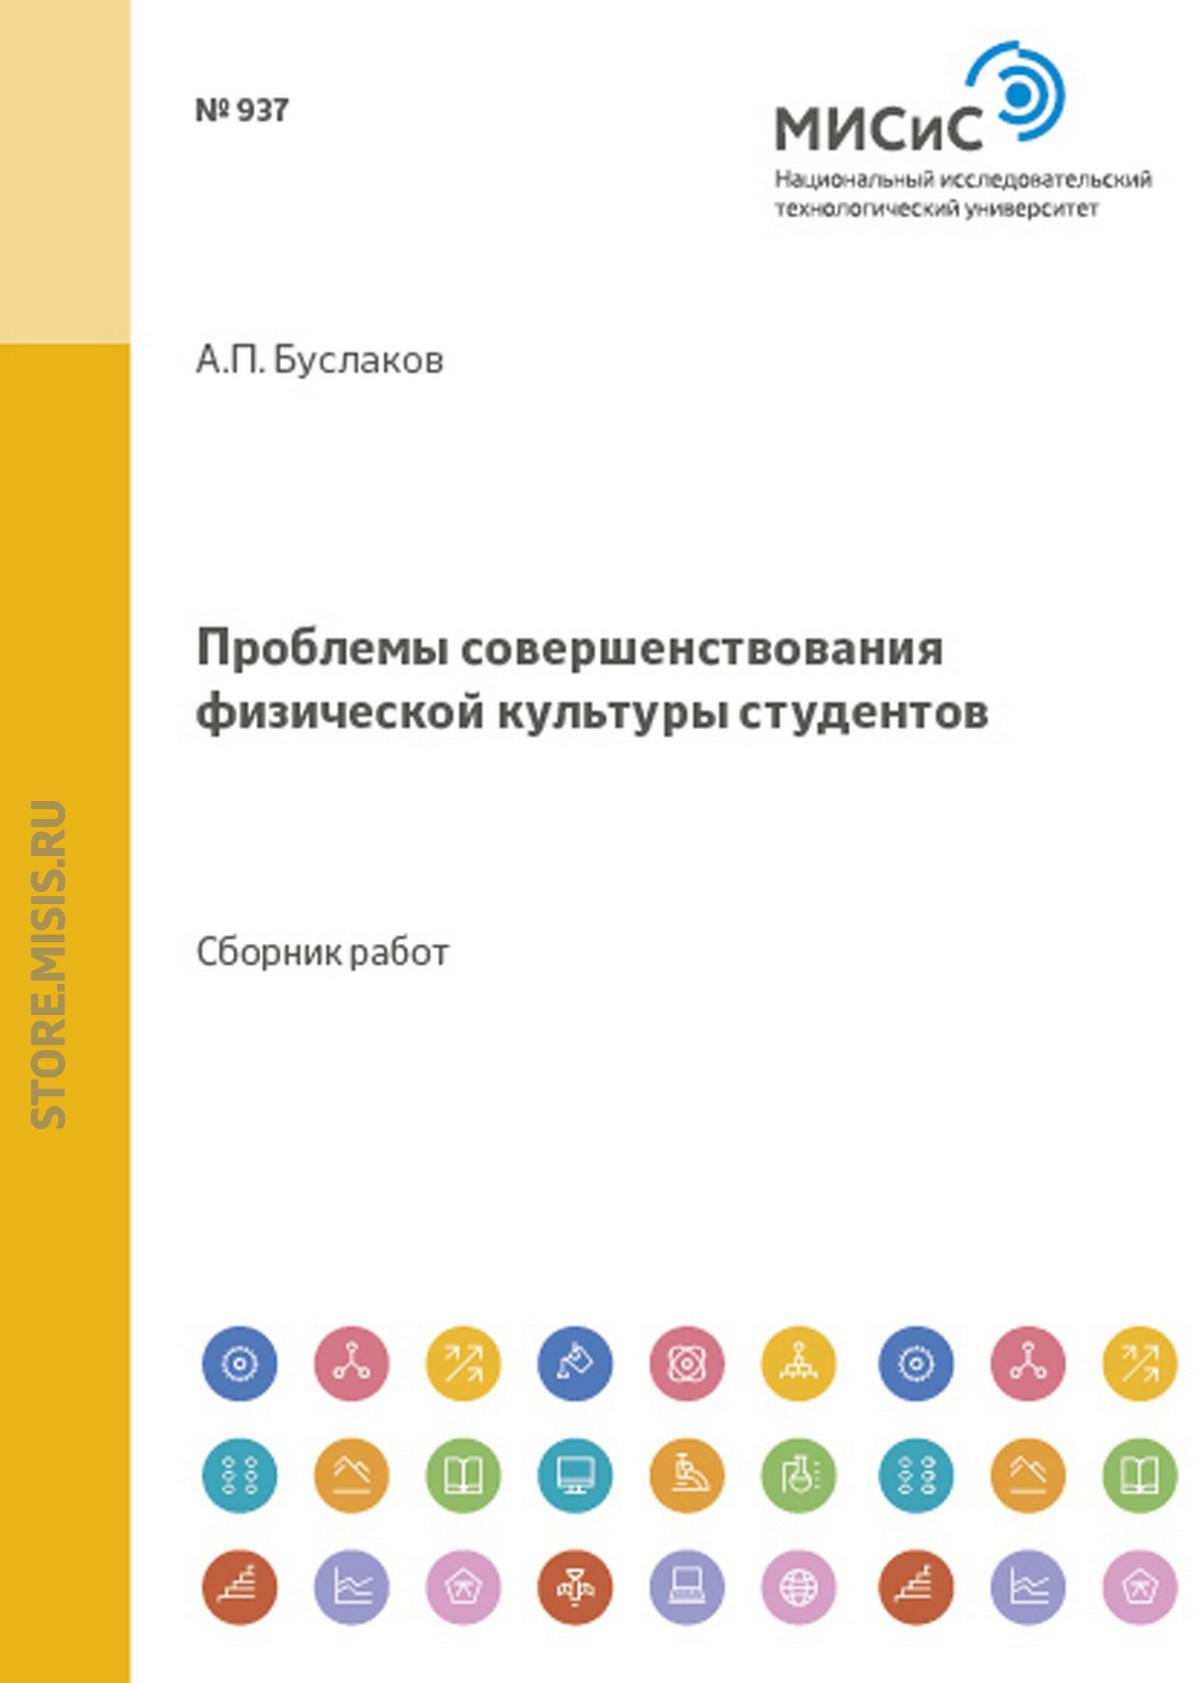 цена Коллектив авторов Проблемы совершенствования физической культуры студентов